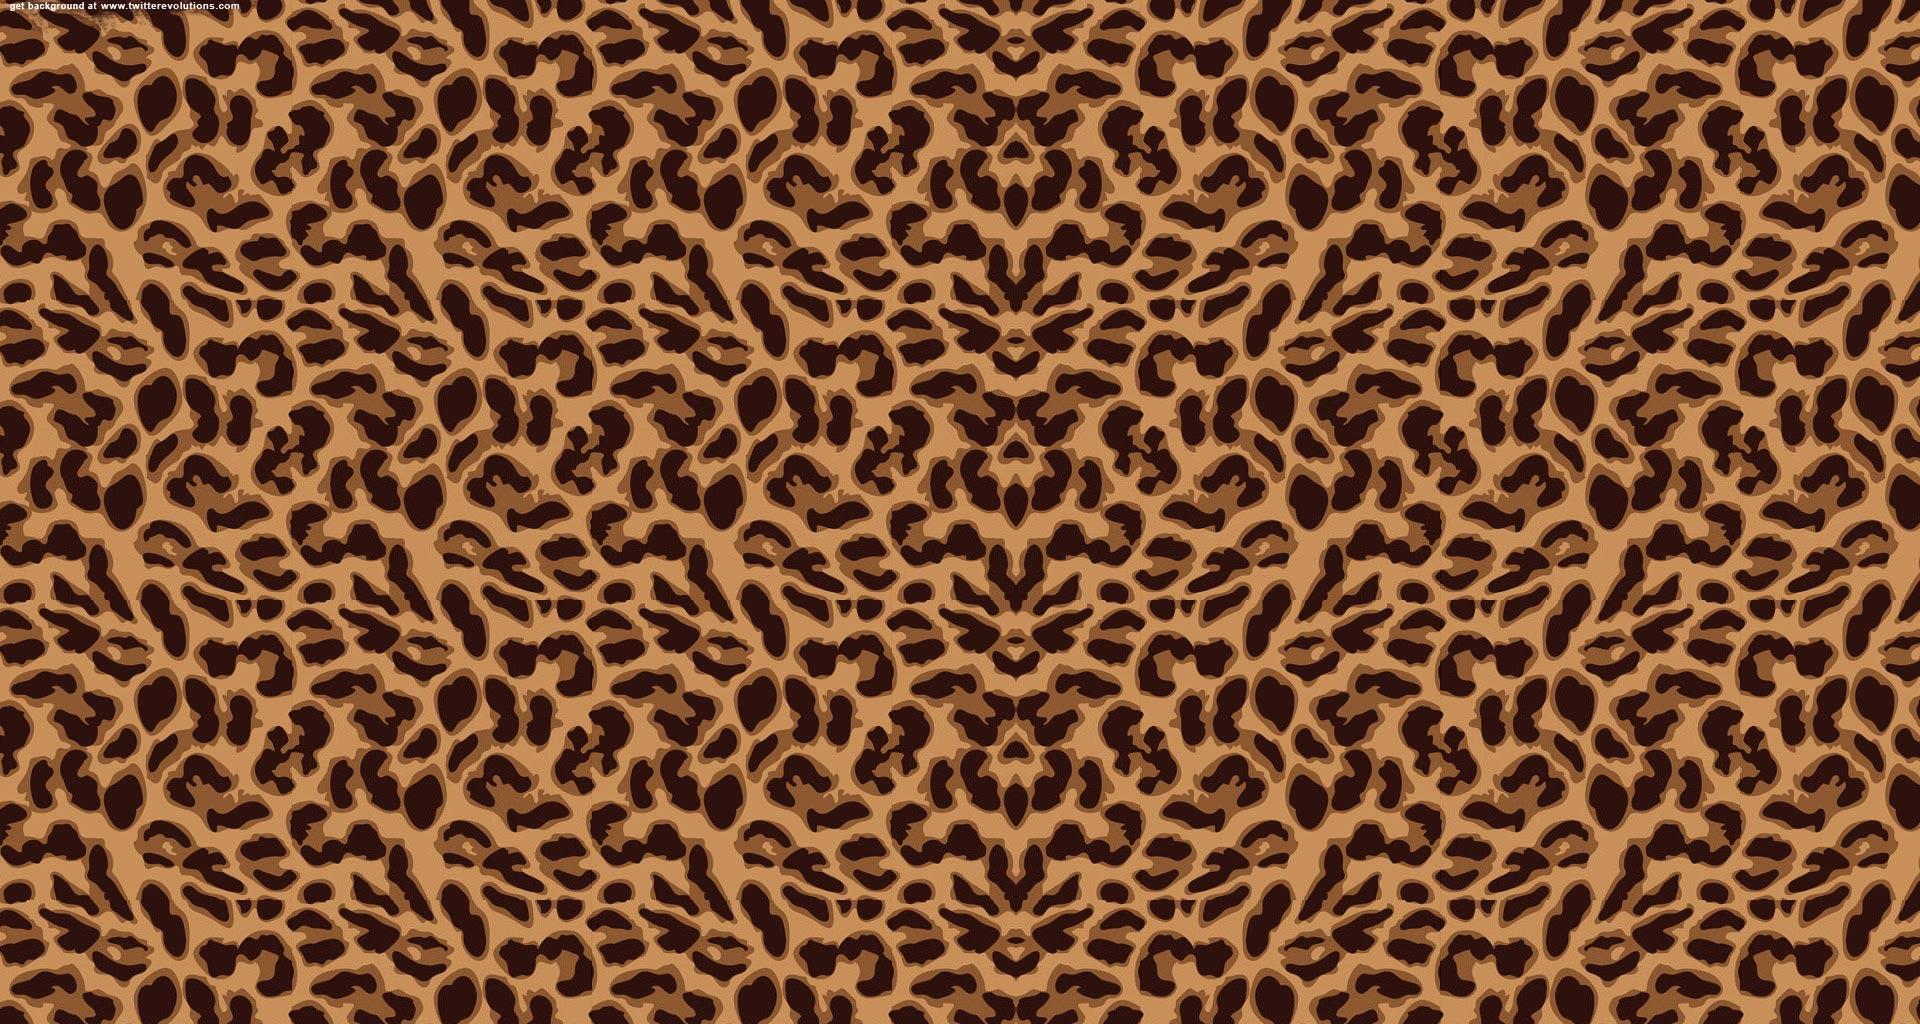 [44+] Cheetah Print Wallpaper for Laptop on WallpaperSafari